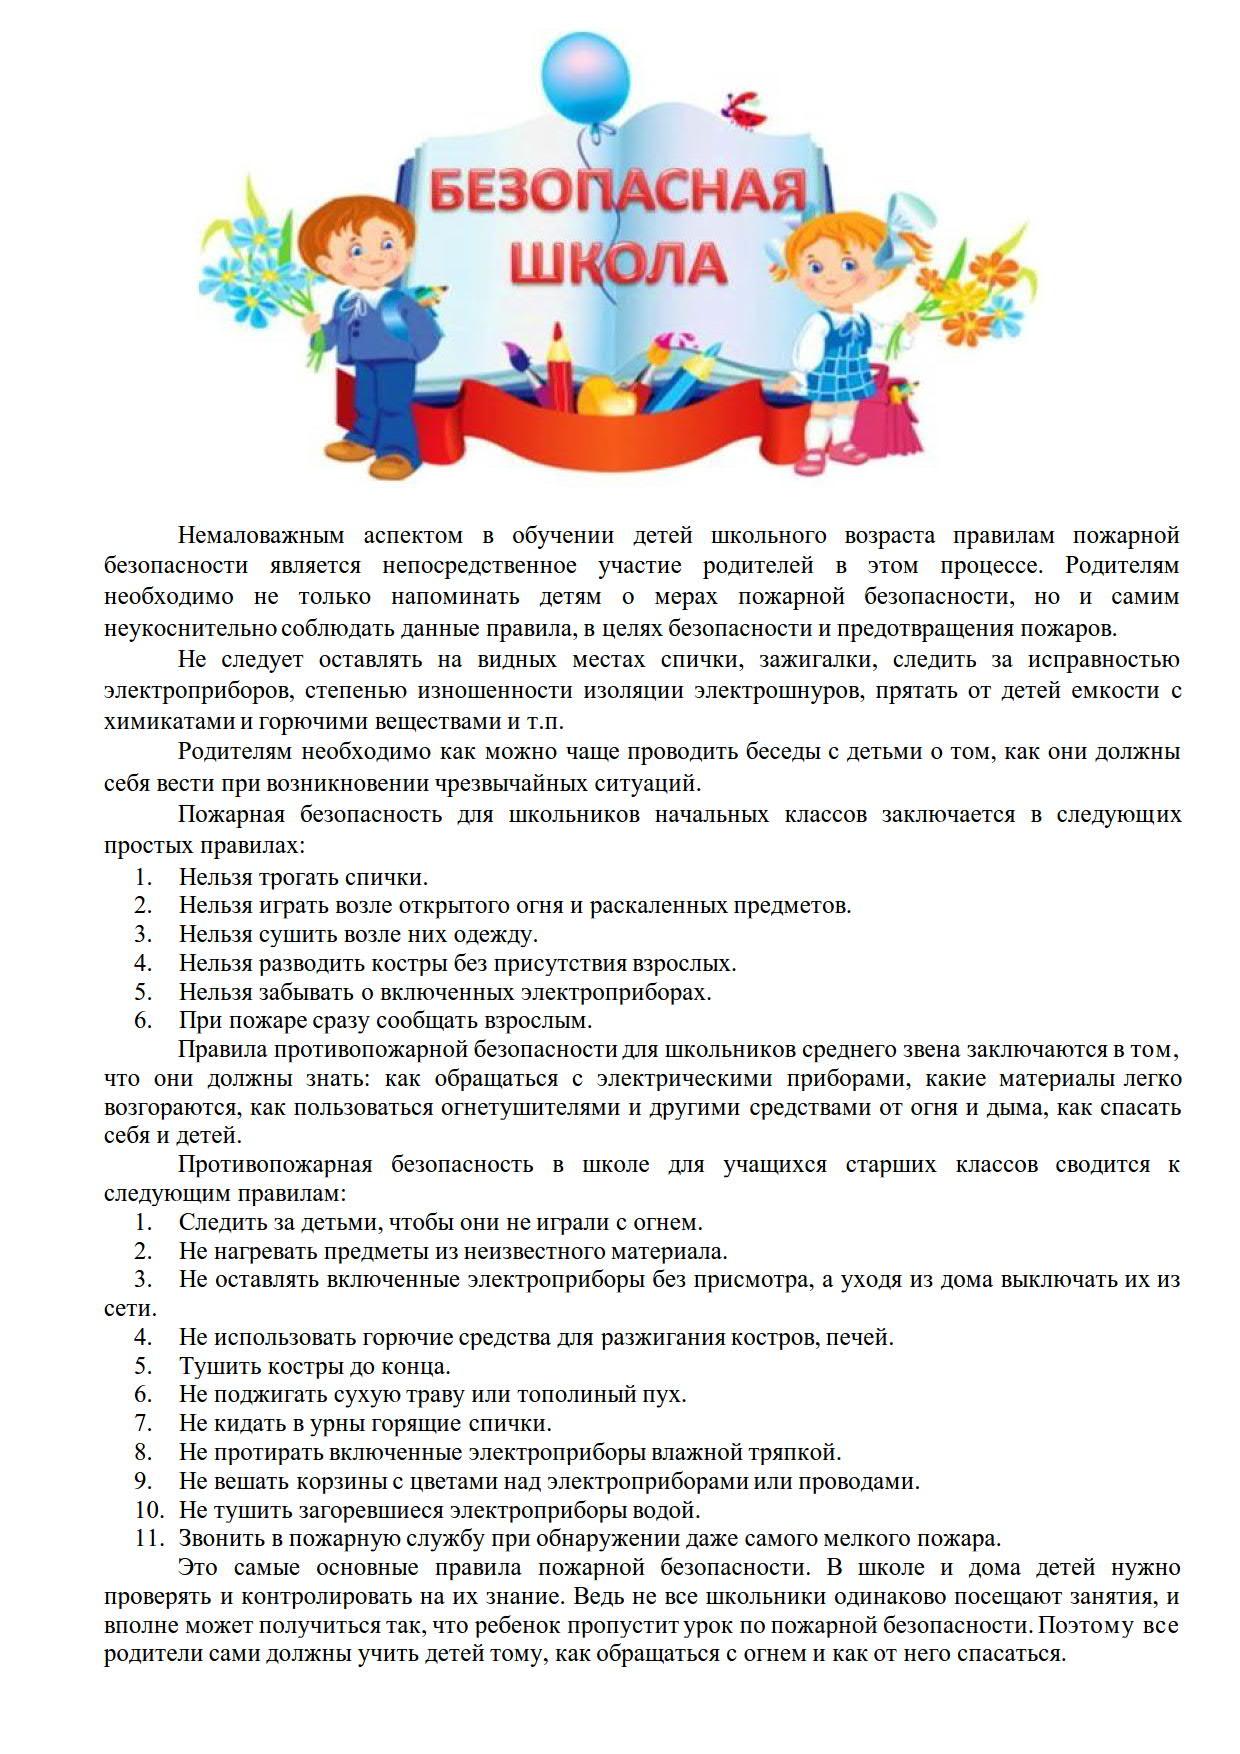 Правила пожарной безопасности для детей_1